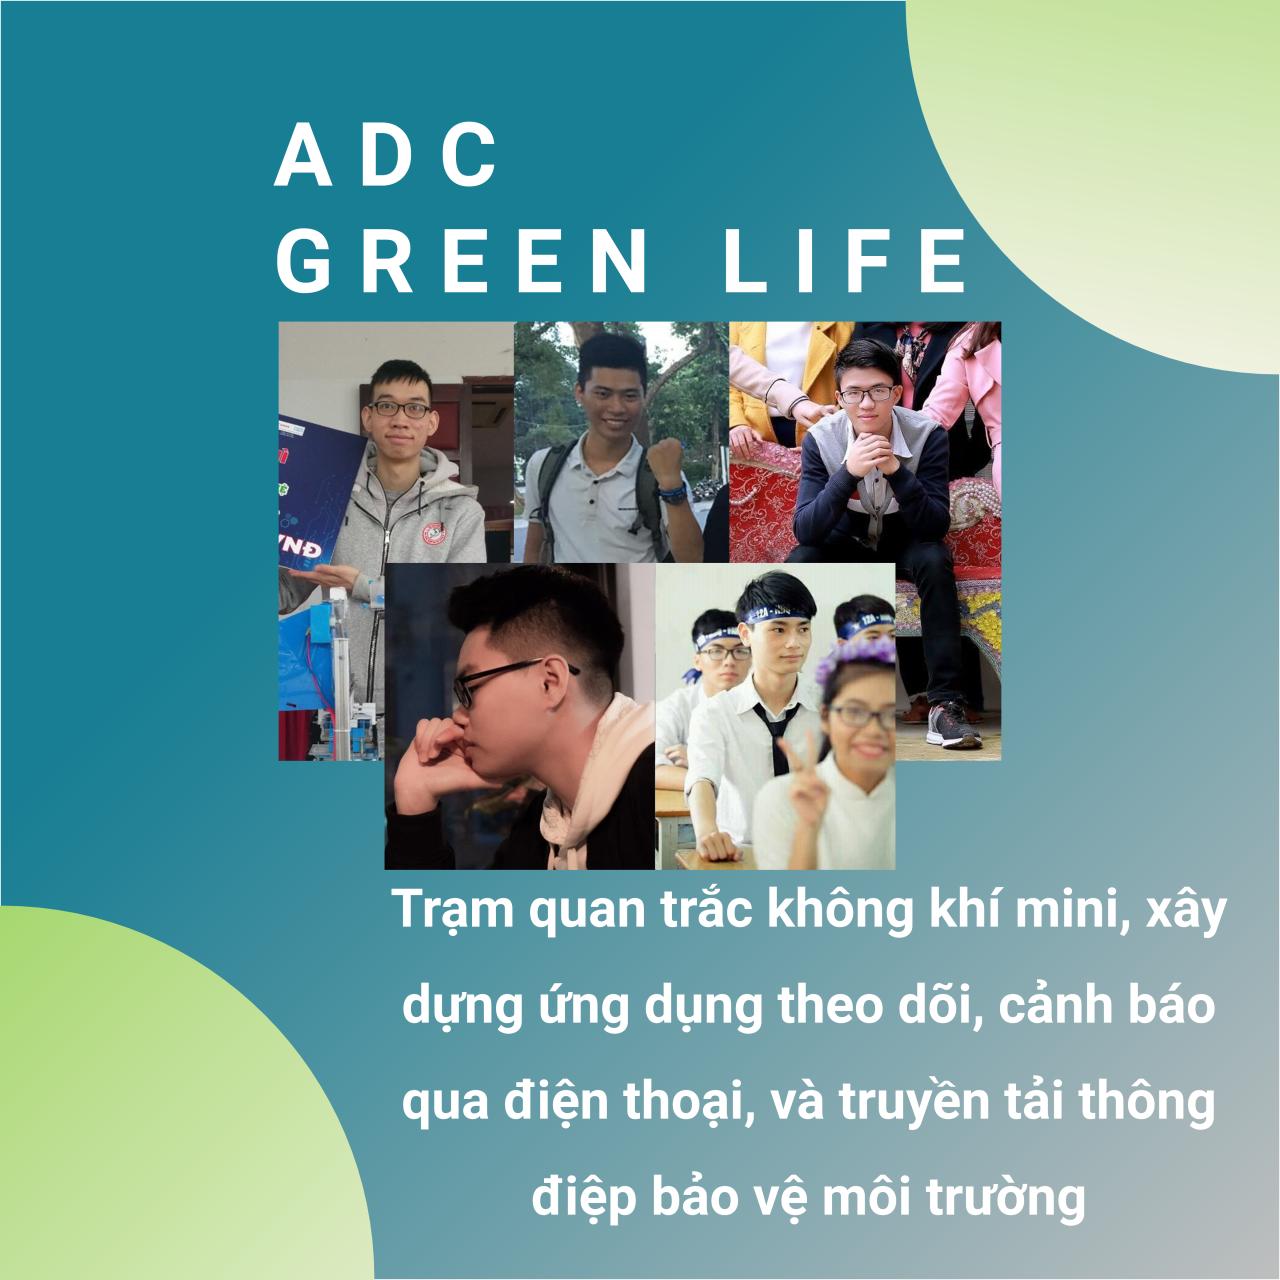 Nhóm ADC Green Life - Trạm quan trắc không khí mini EcoGreen